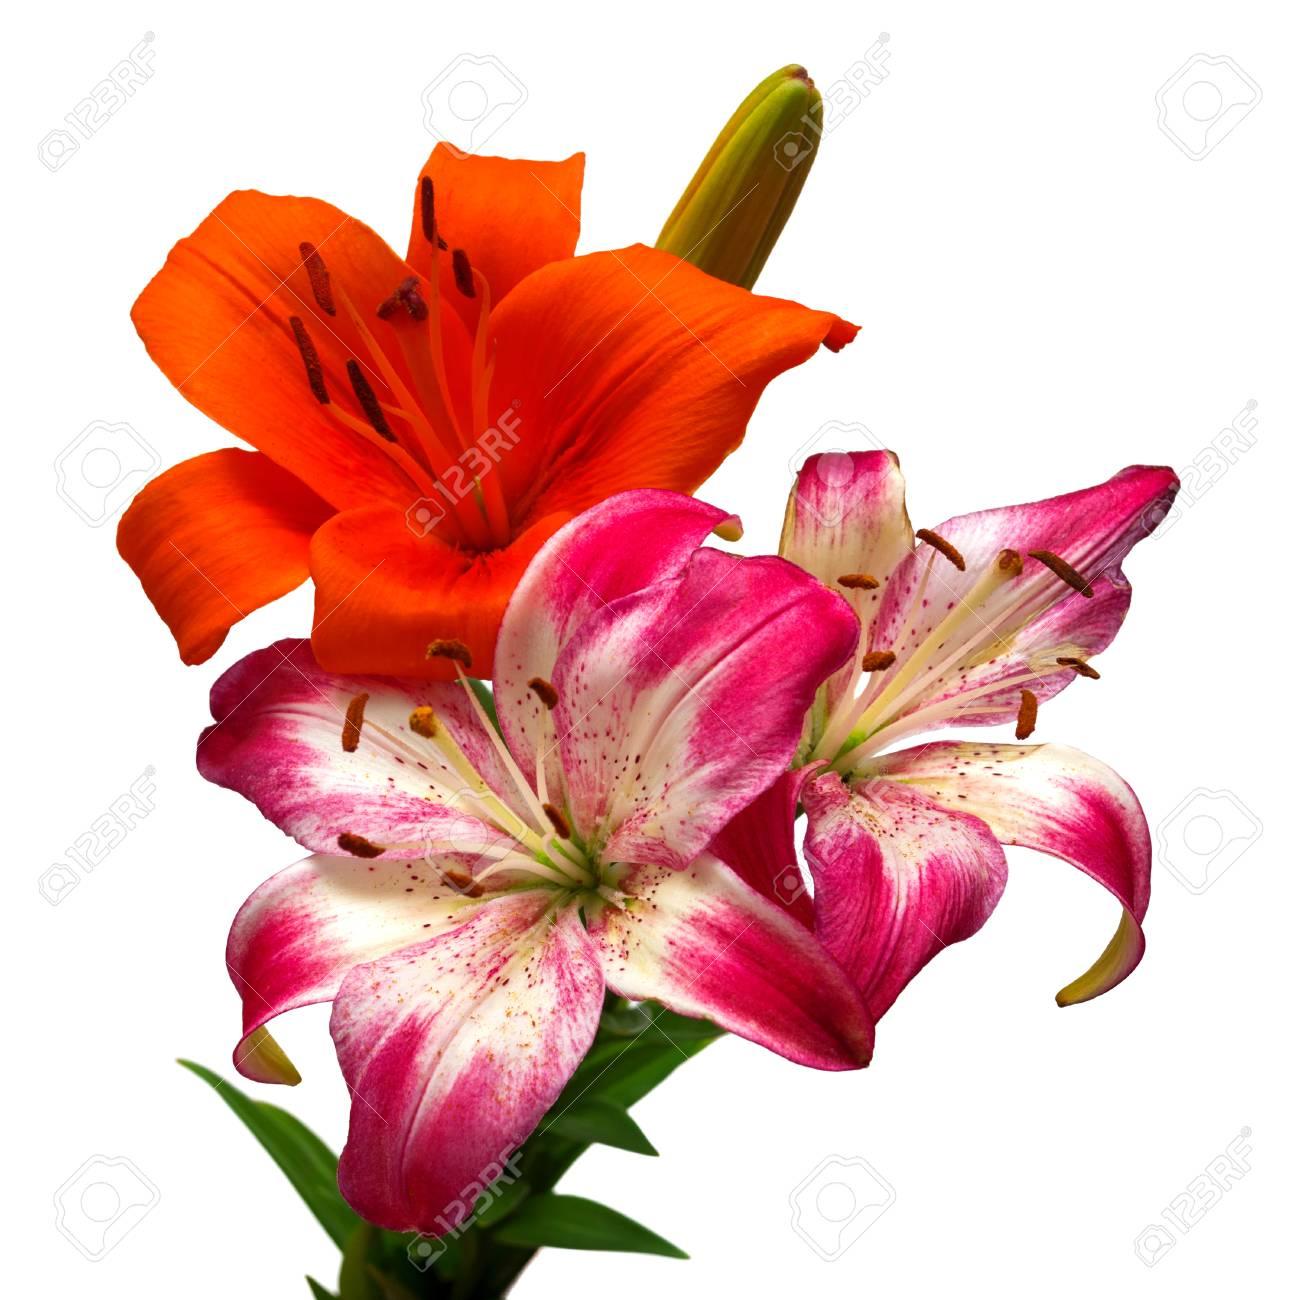 Deux Fleurs De Lys Orange Et Rose Blanc Isole Sur Fond Blanc Banque